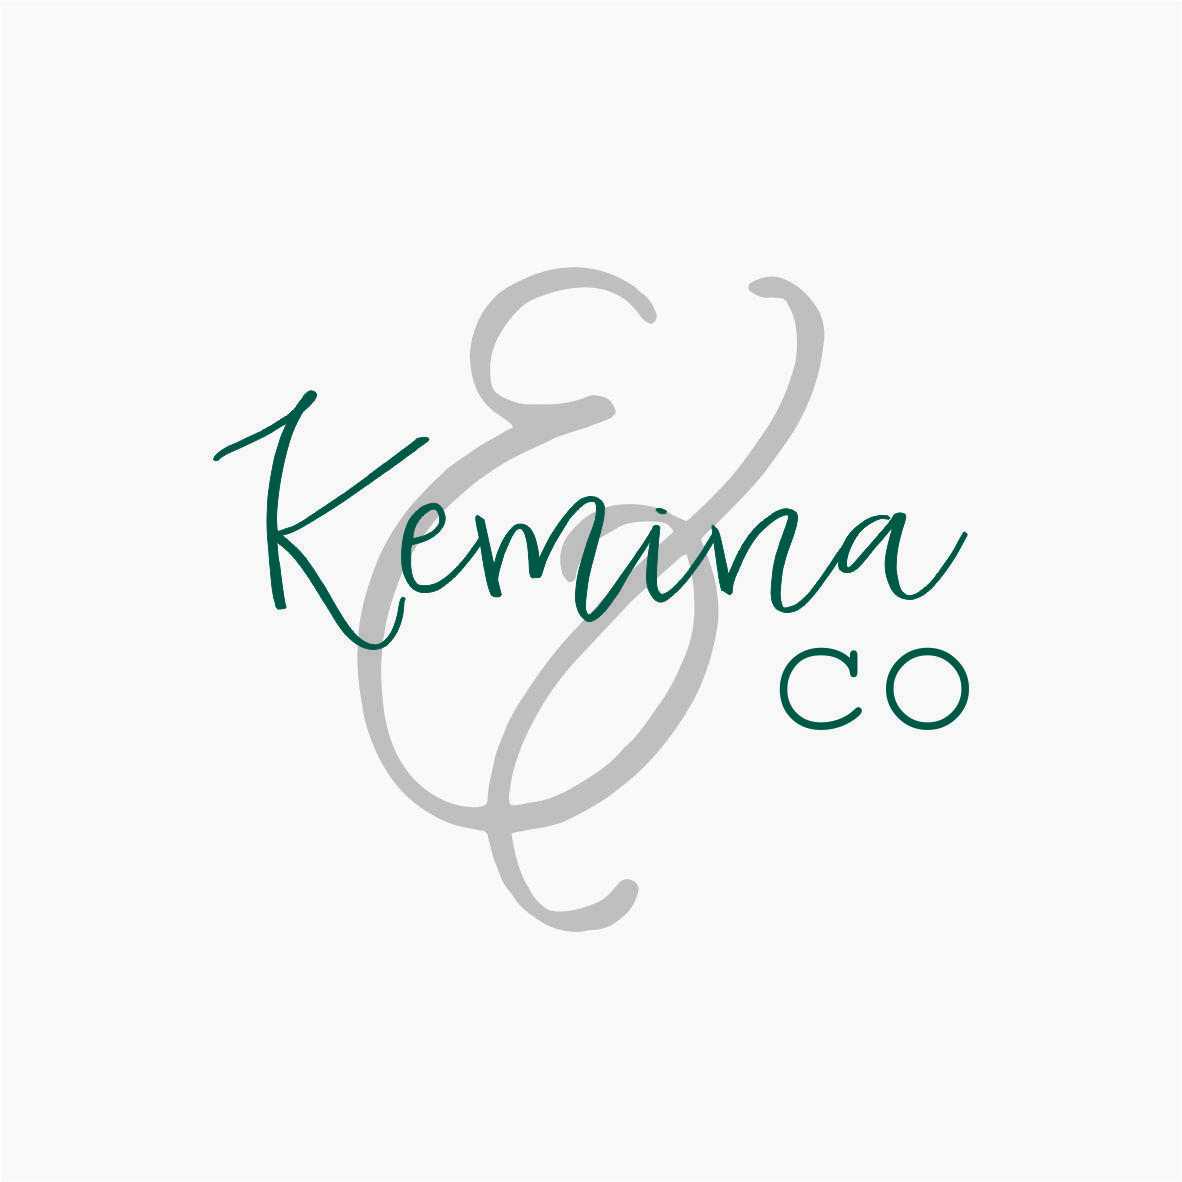 Kemina & Co